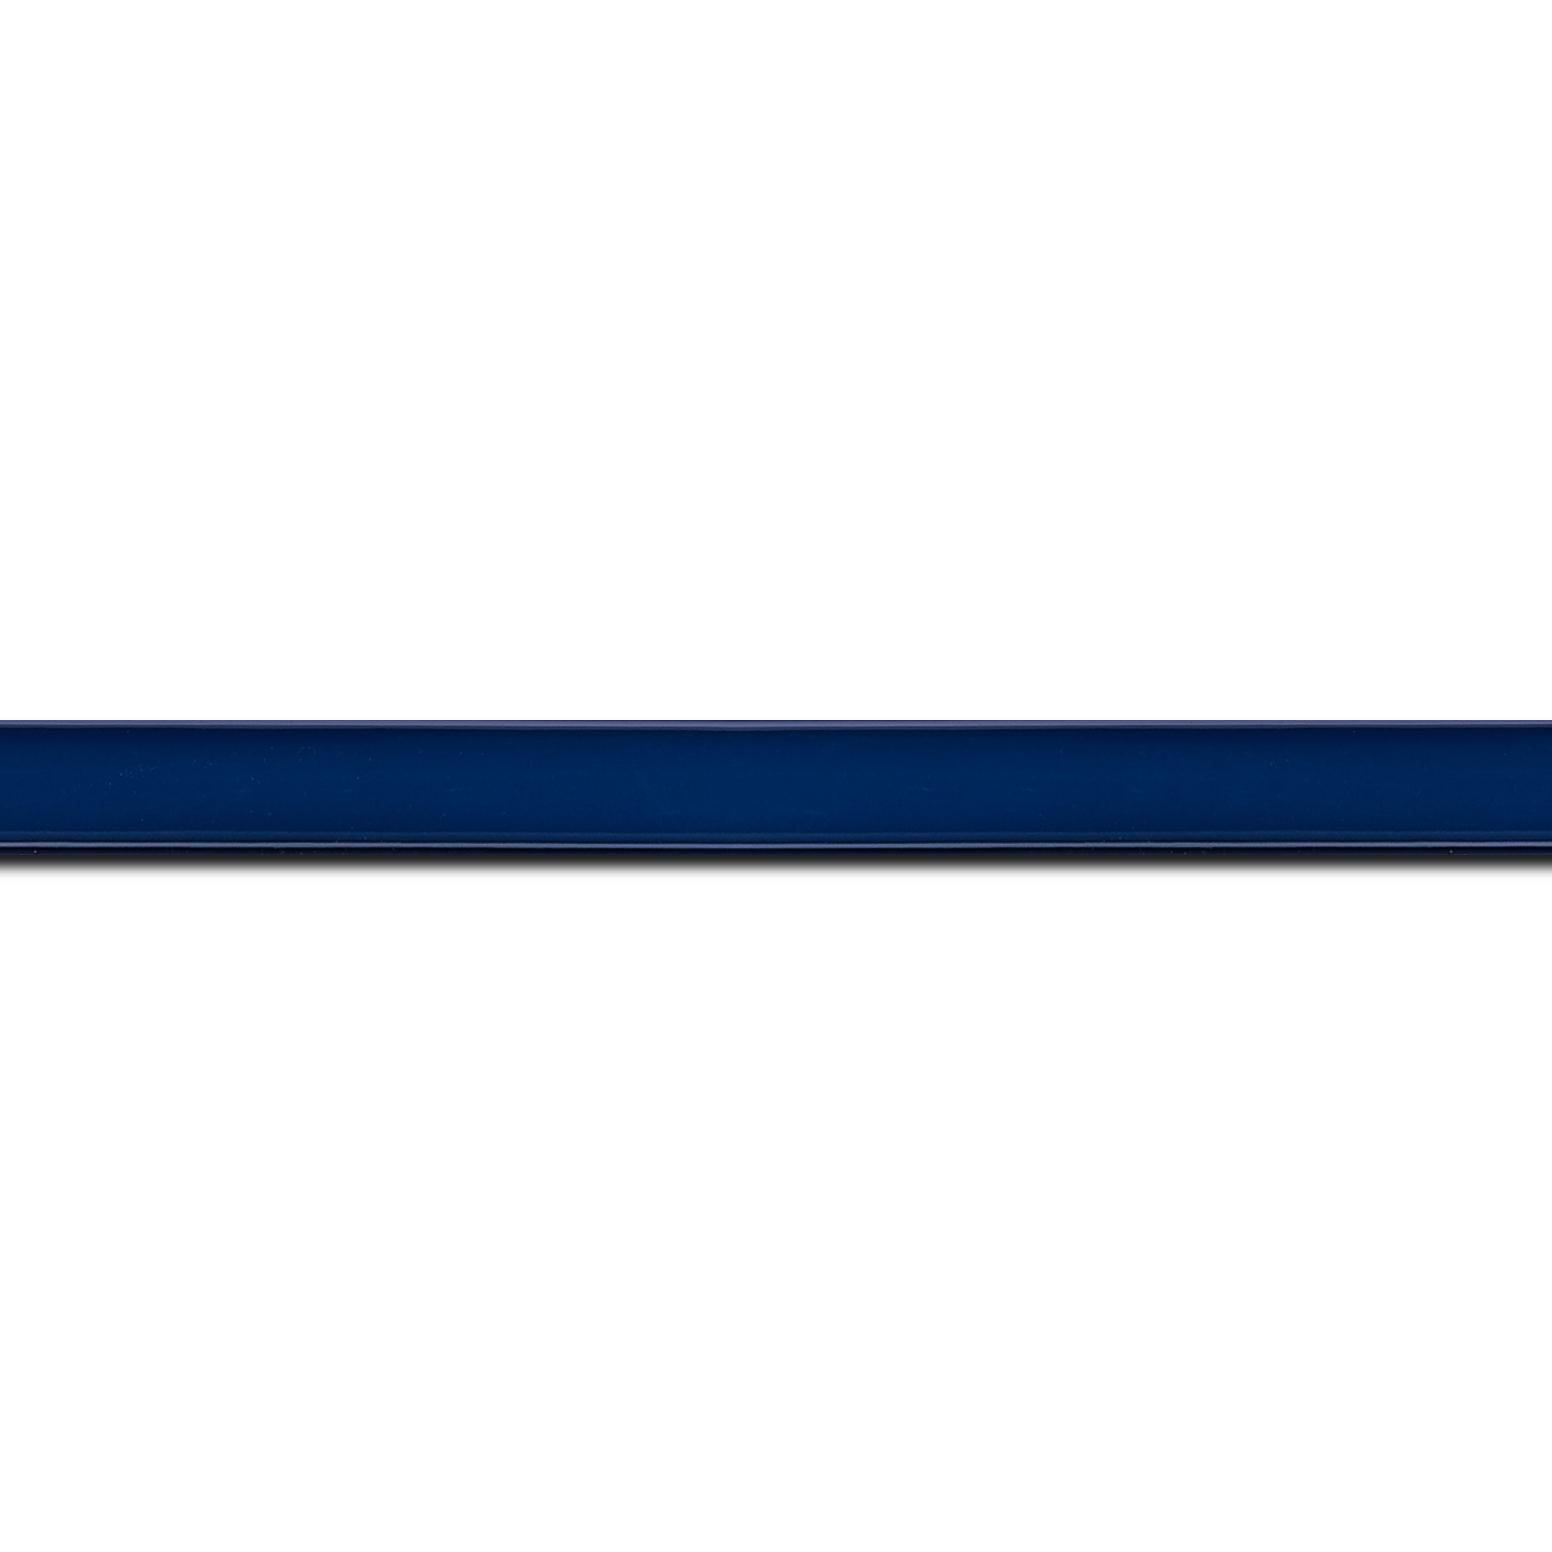 Baguette longueur 1.40m bois profil méplat largeur 1.4cm couleur bleu laqué